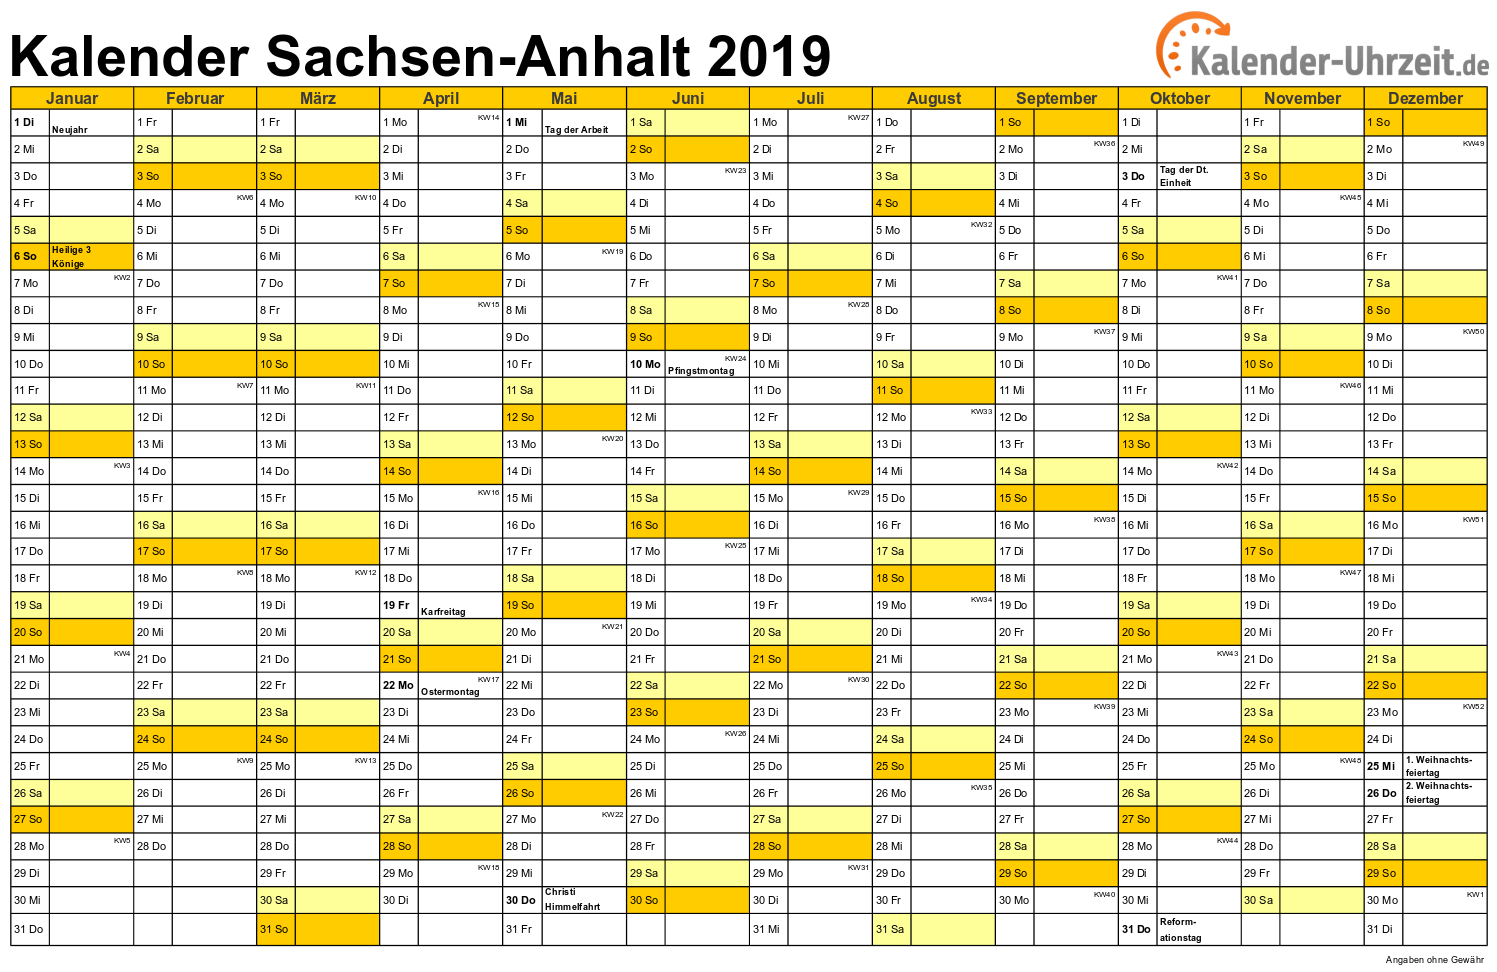 Sachsen-Anhalt Kalender 2019 mit Feiertagen - quer-einseitig